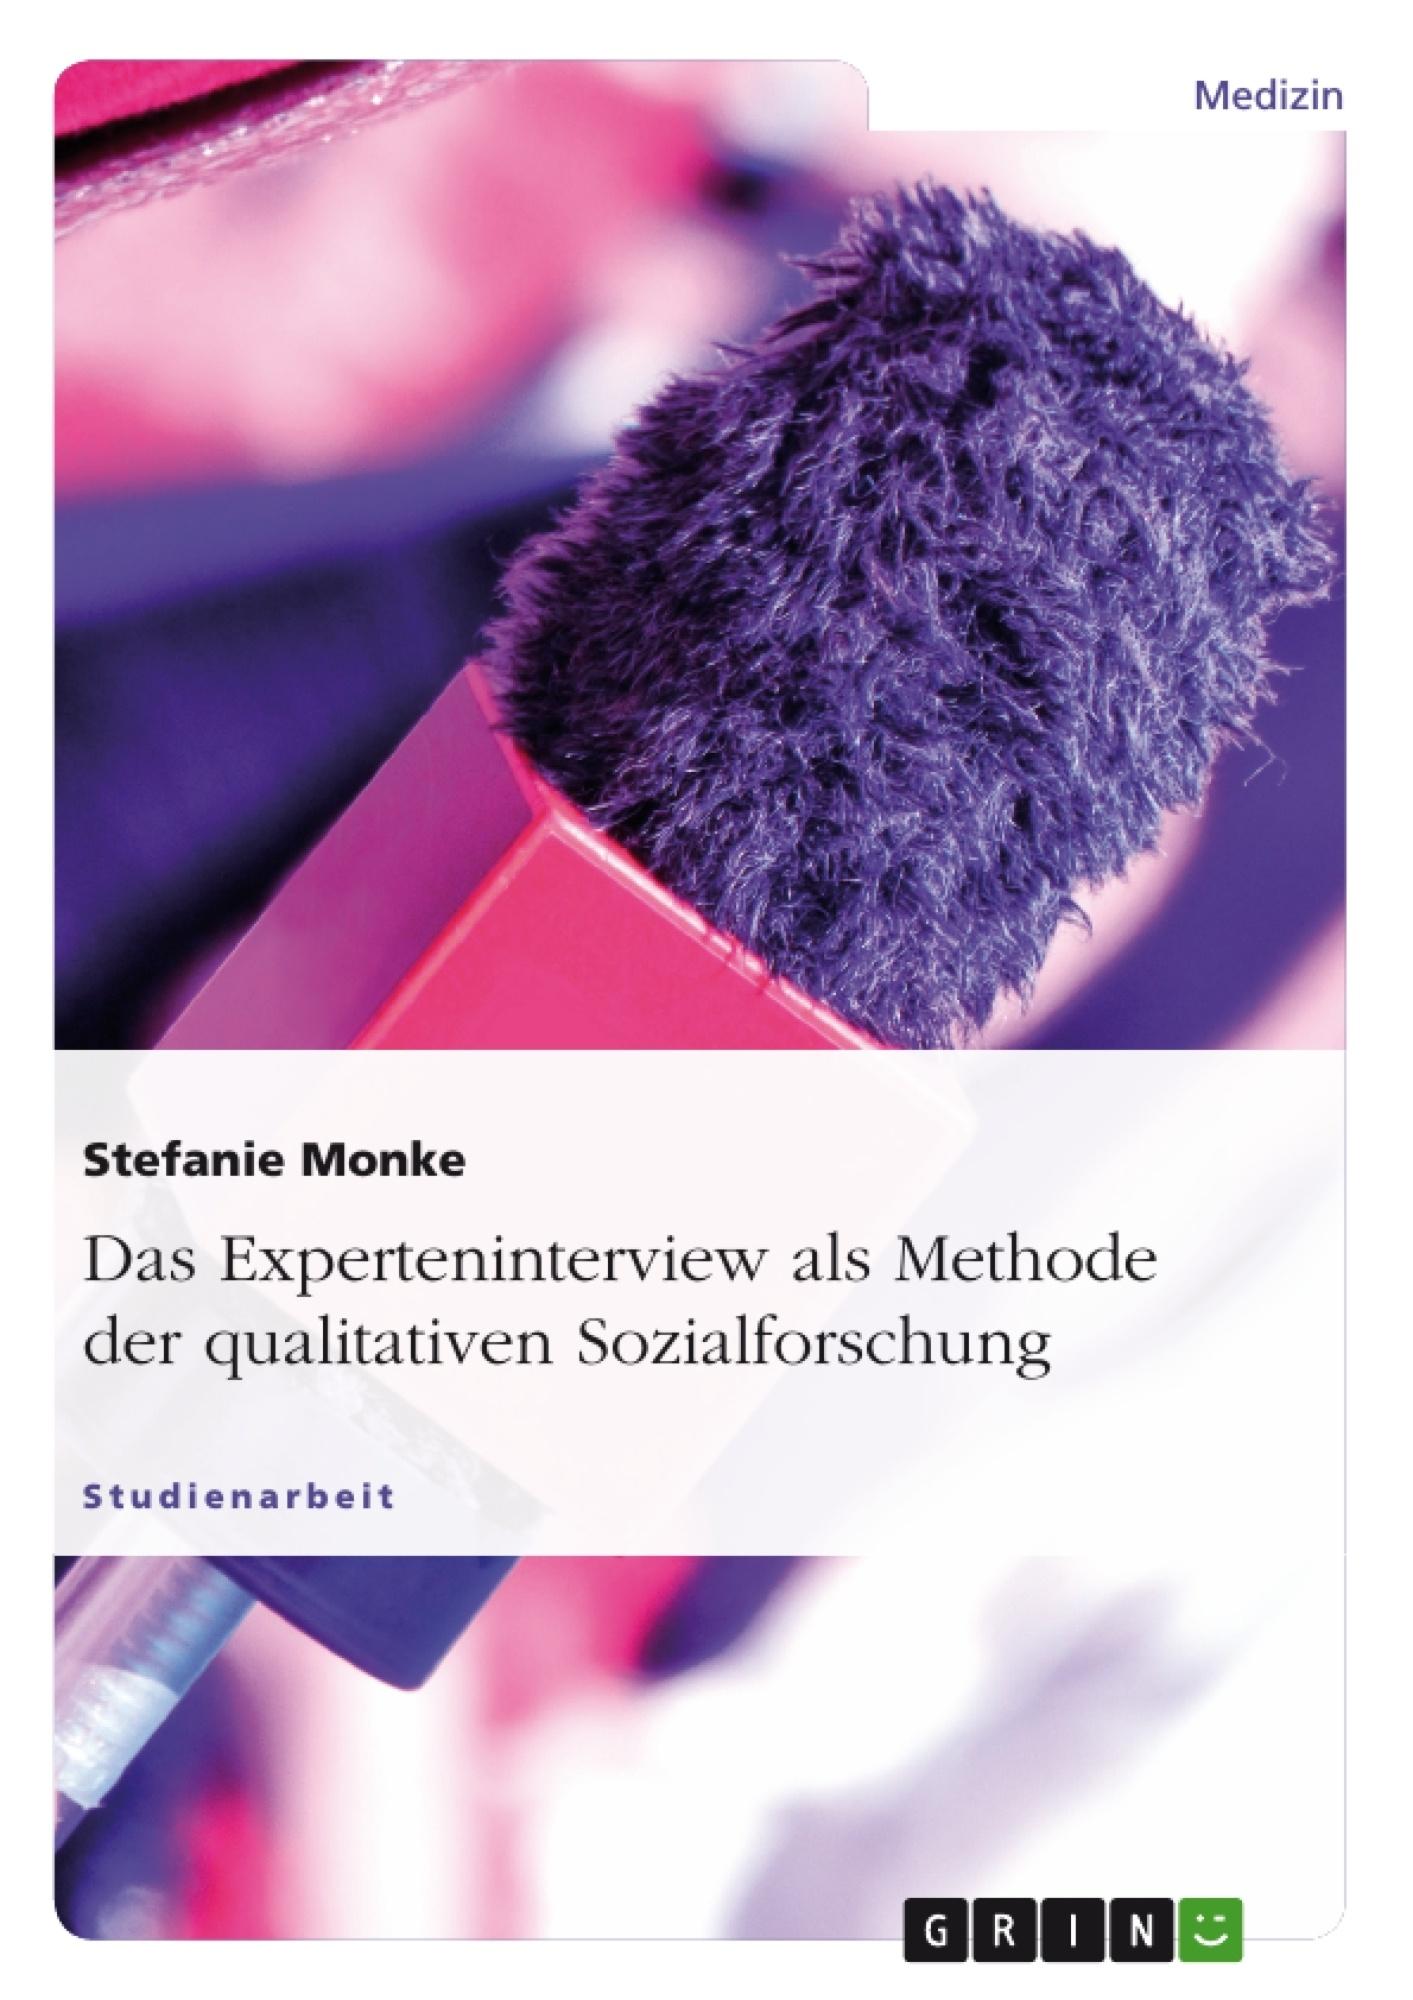 Titel: Das Experteninterview als Methode der qualitativen Sozialforschung